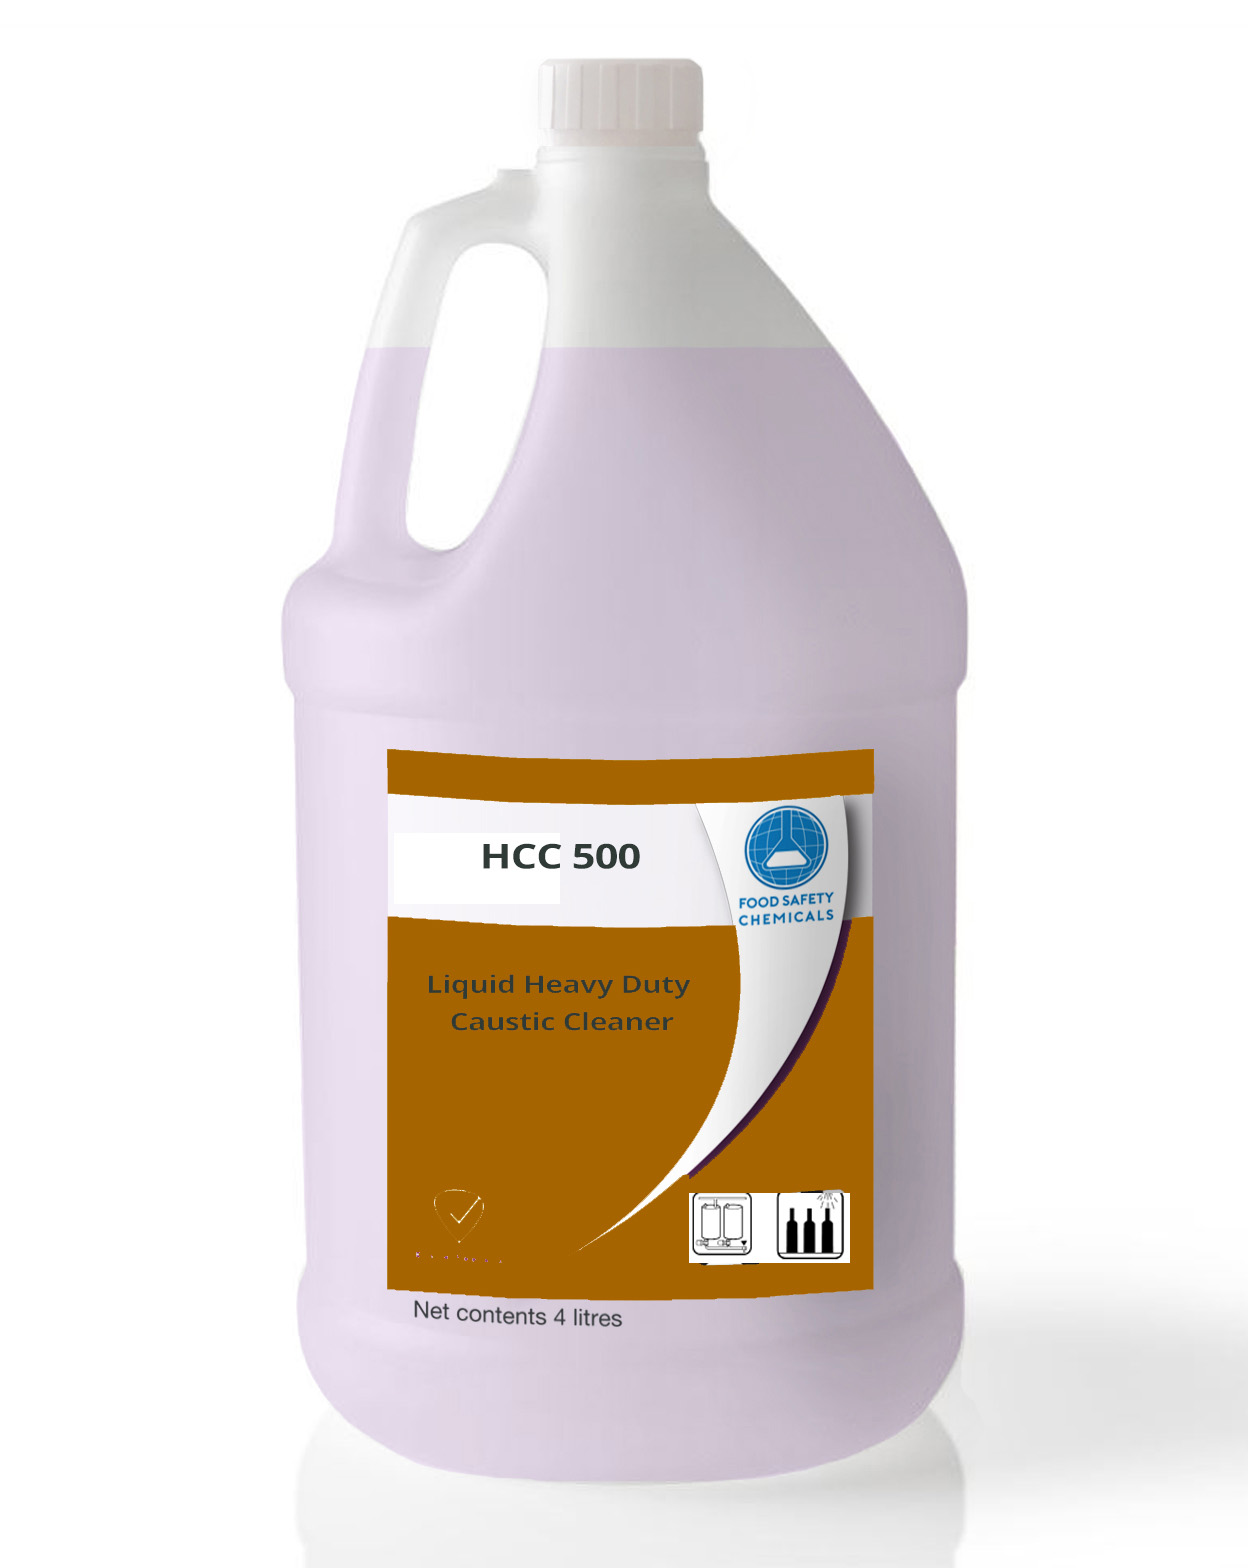 HCC500